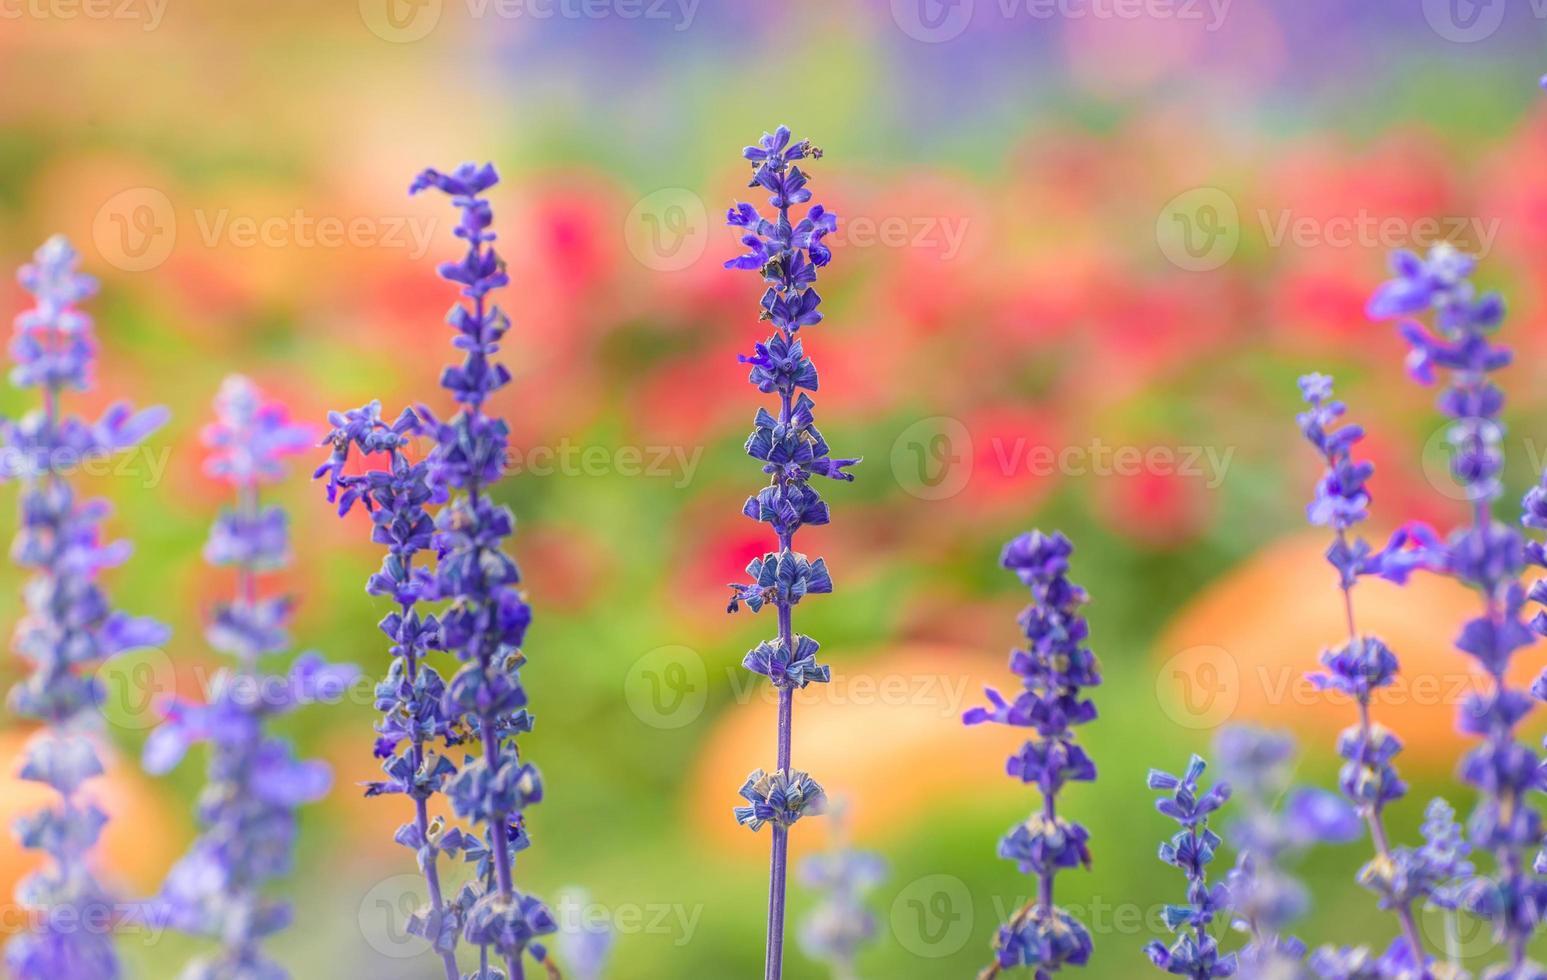 Lavendelblüten im Garten. foto